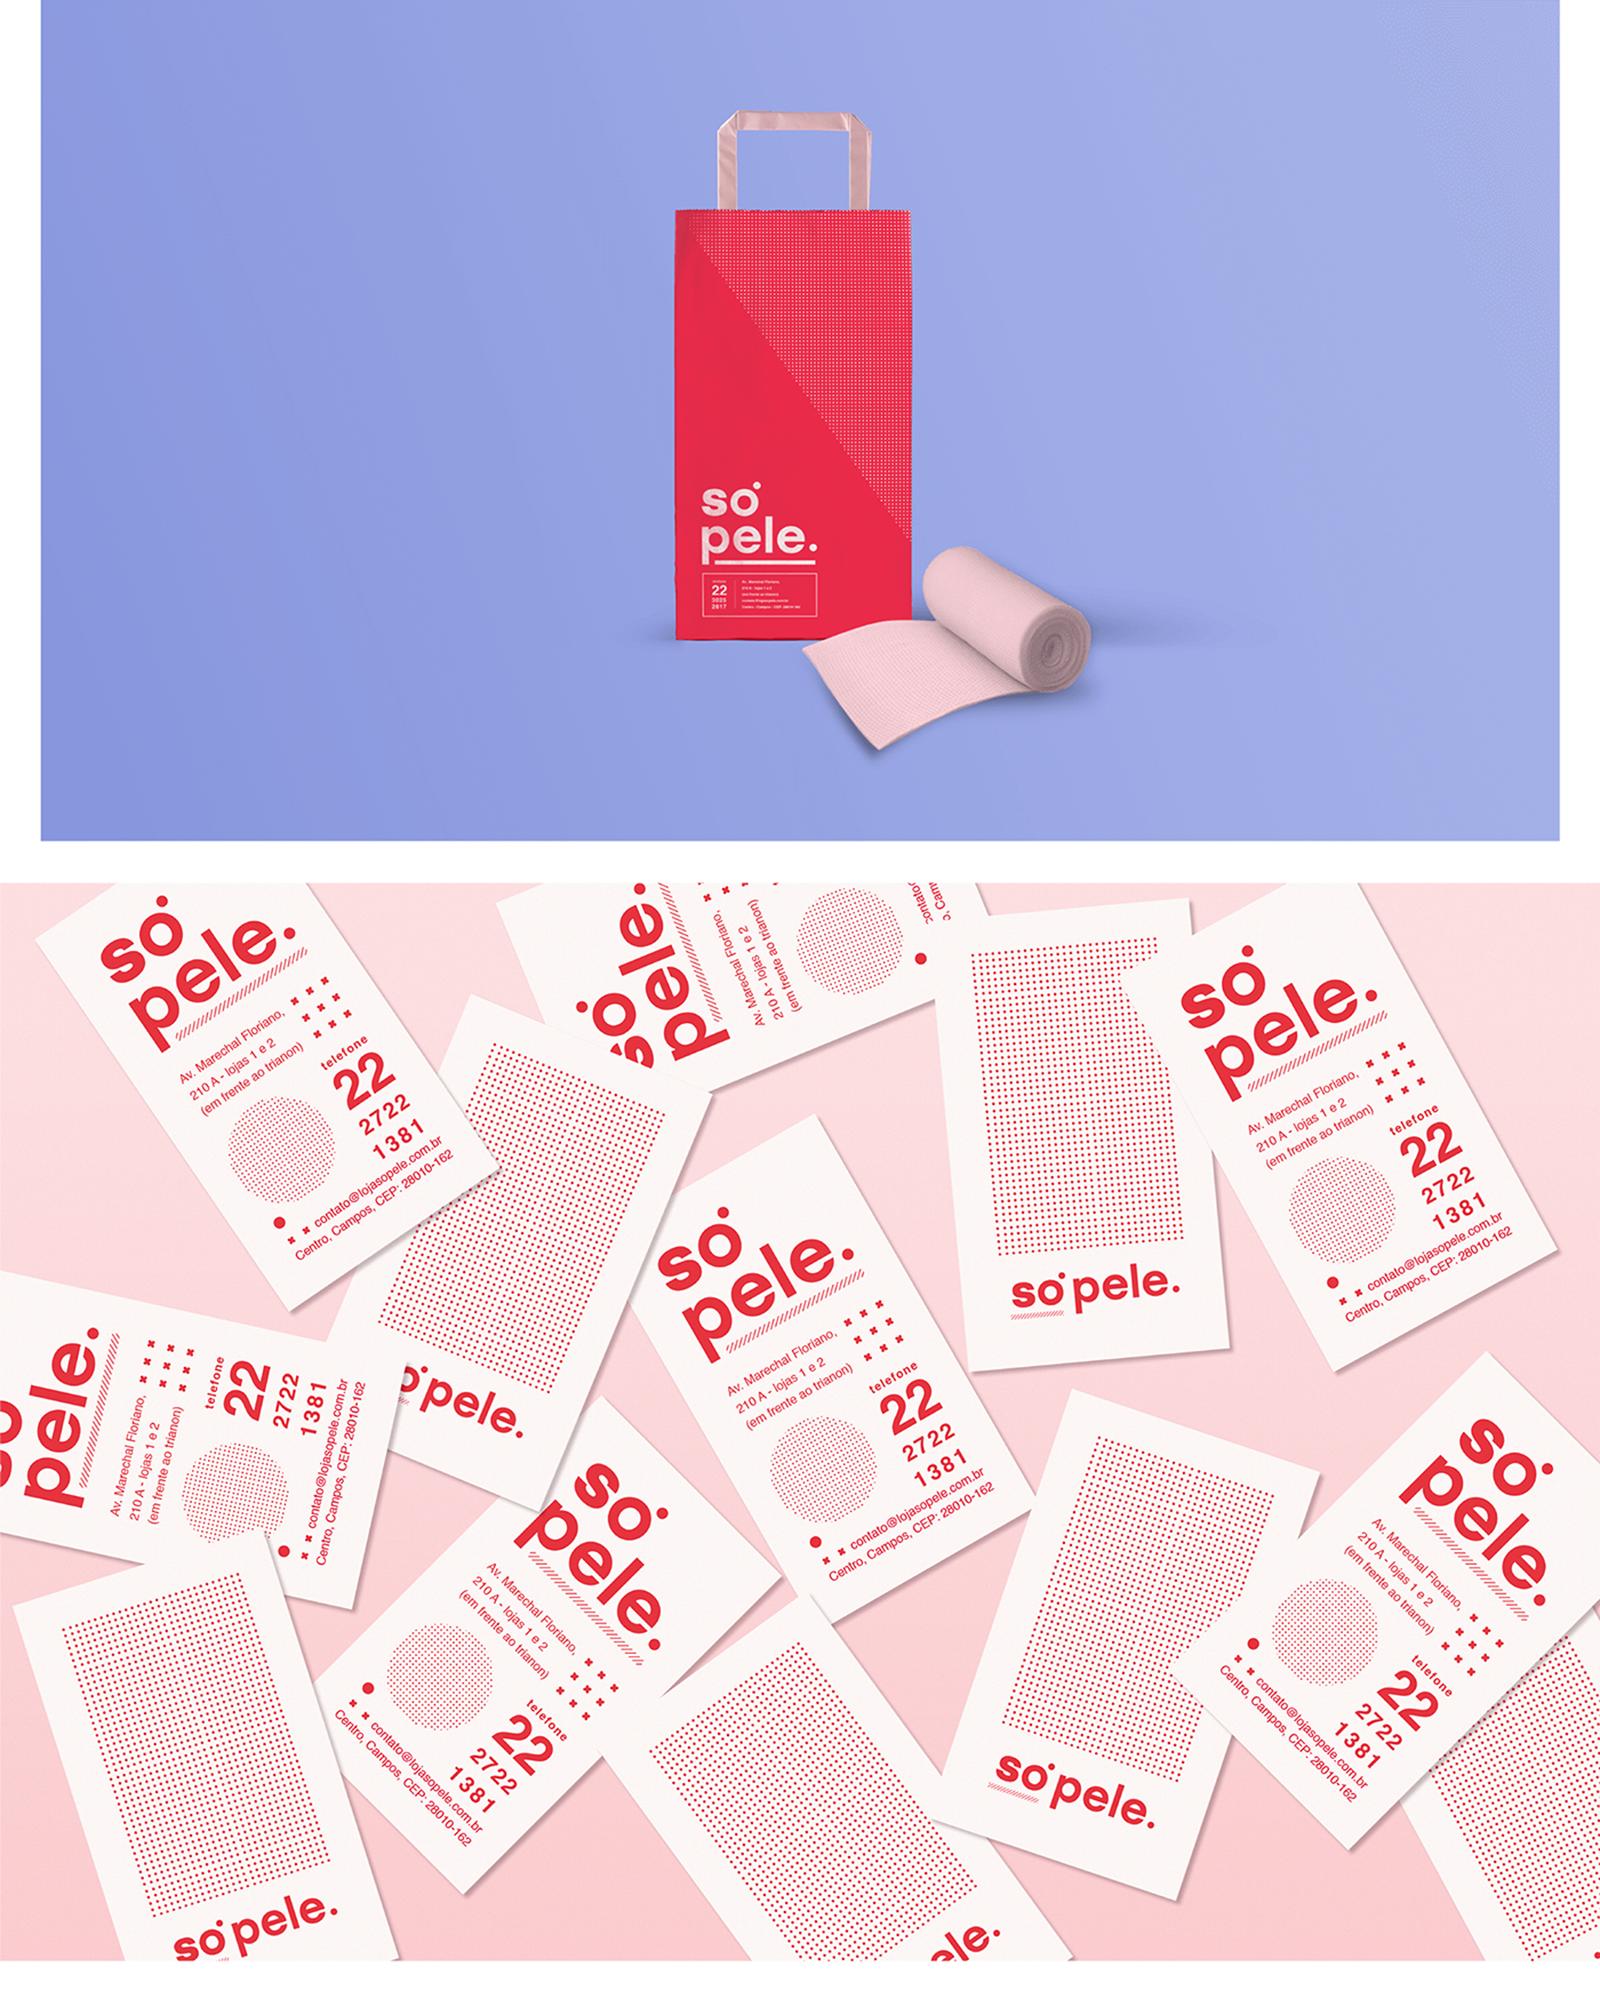 Só Pele 皮肤护理品牌视觉VI形象设计欣赏-VI设计